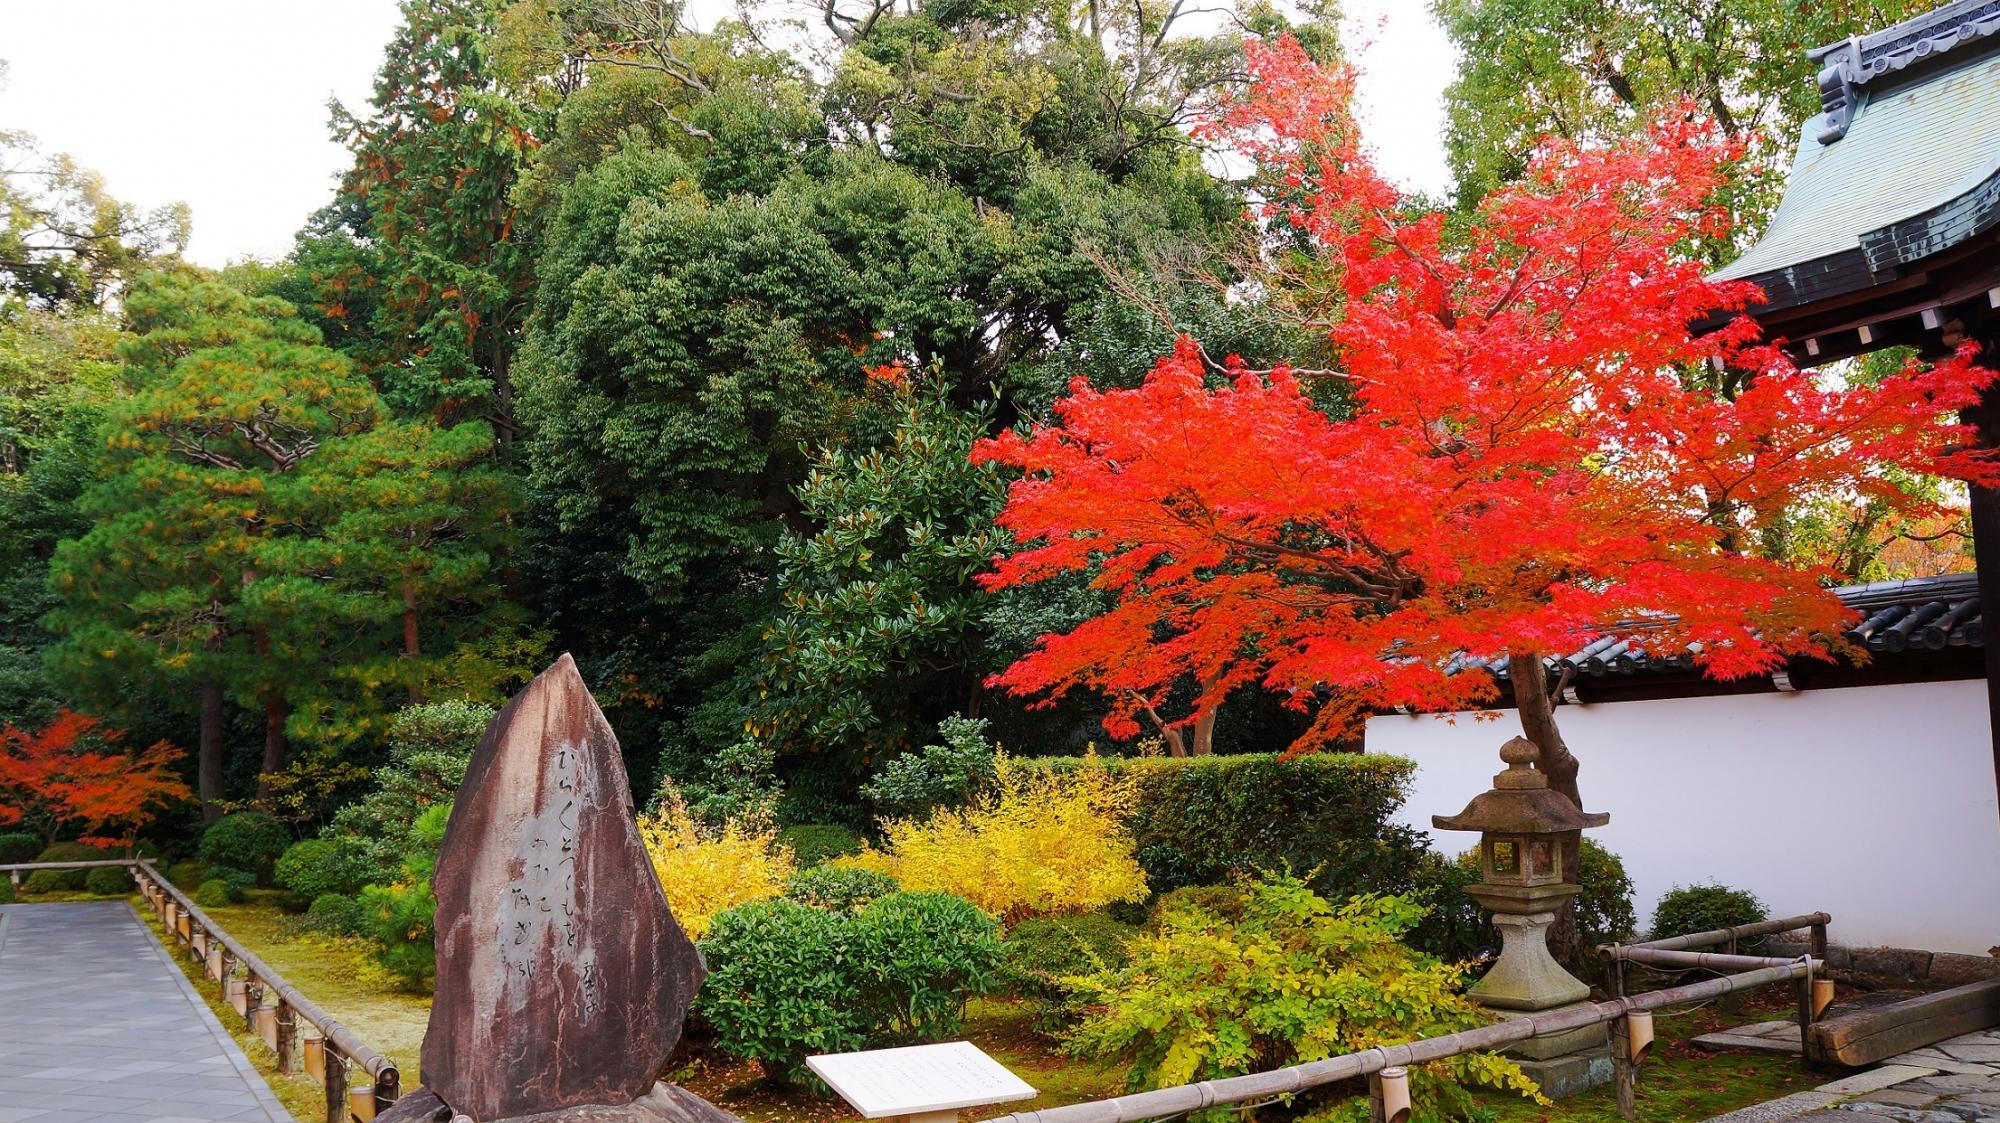 唐門付近の多様な緑にも映える艶やかな紅葉